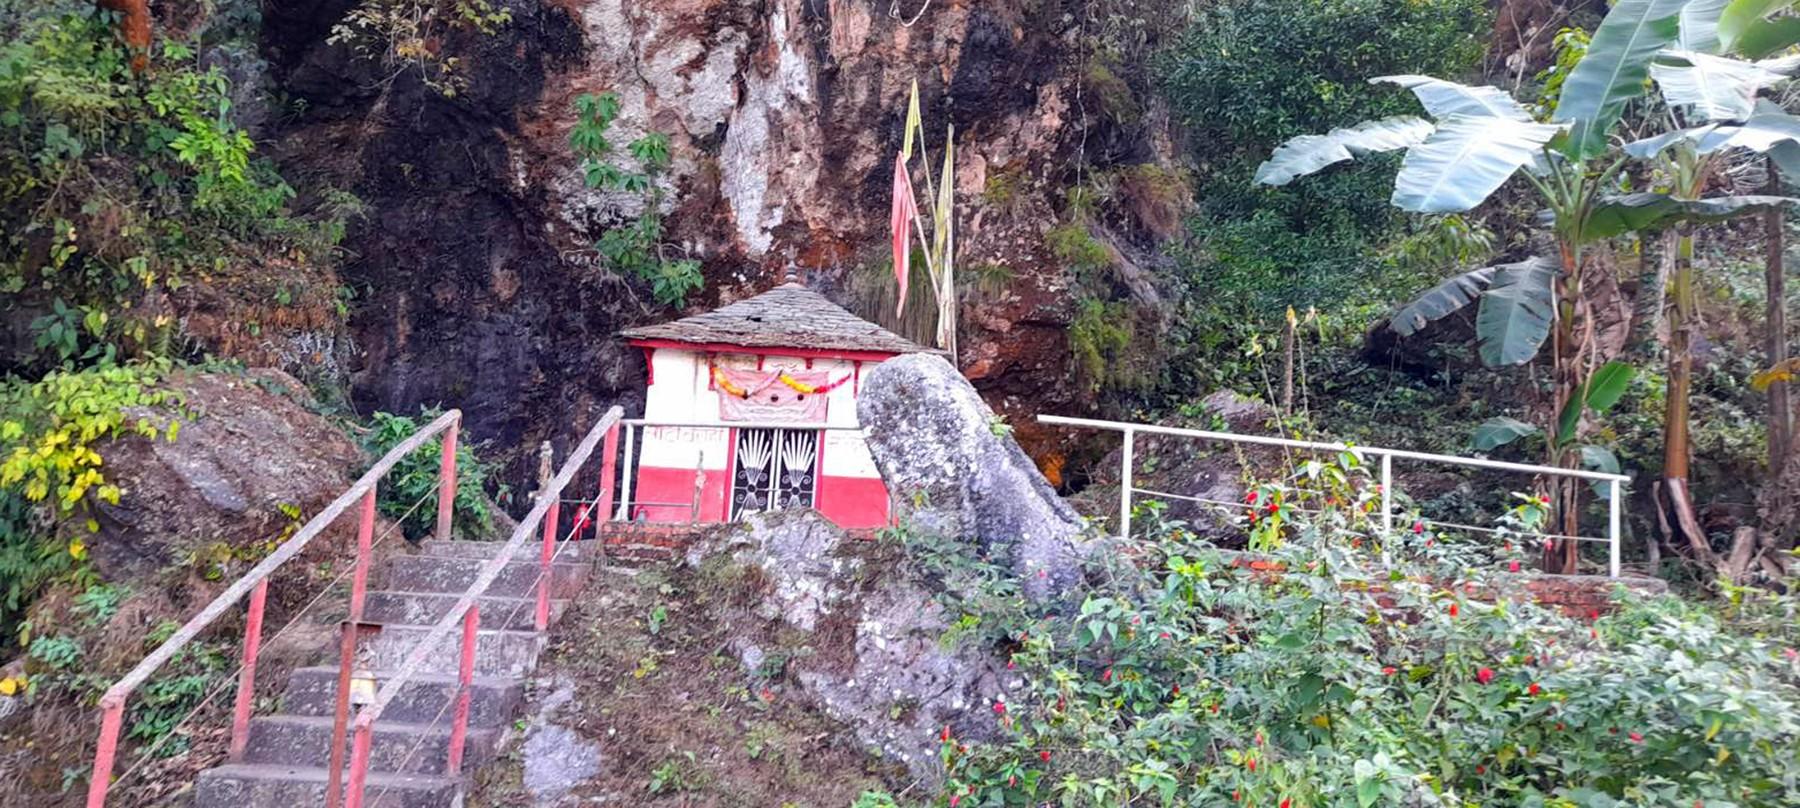 नबोल्ने बच्चालाई बोलाउने 'लाटी बाराही' मन्दिर